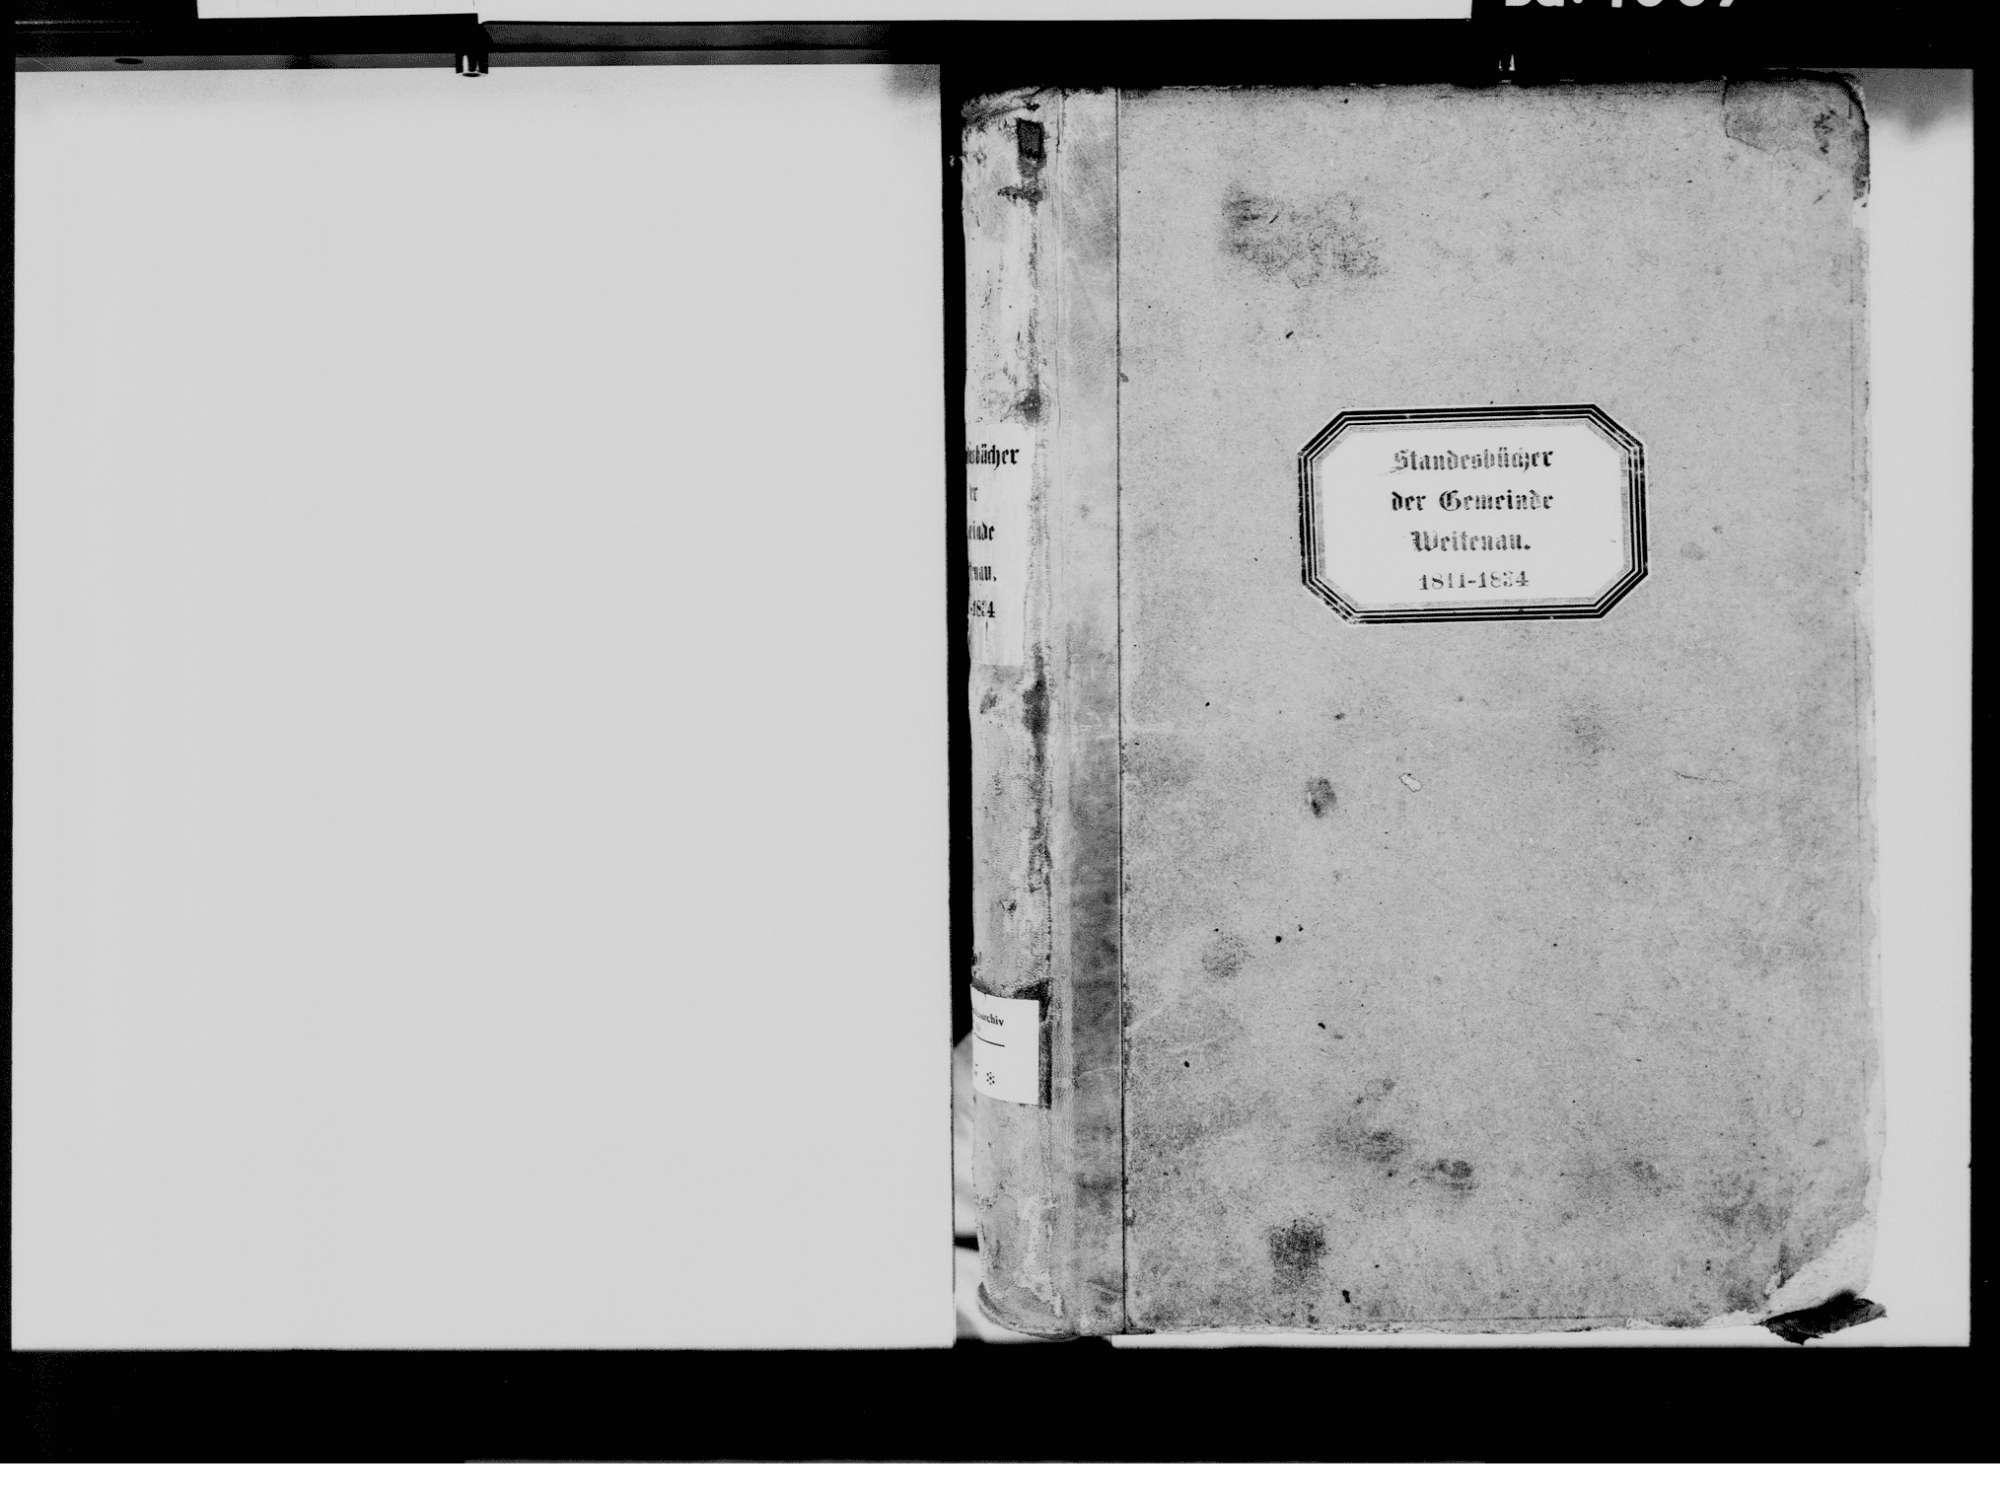 Weitenau, Steinen LÖ; Evangelische Gemeinde: Standesbuch 1811-1834, Bild 3